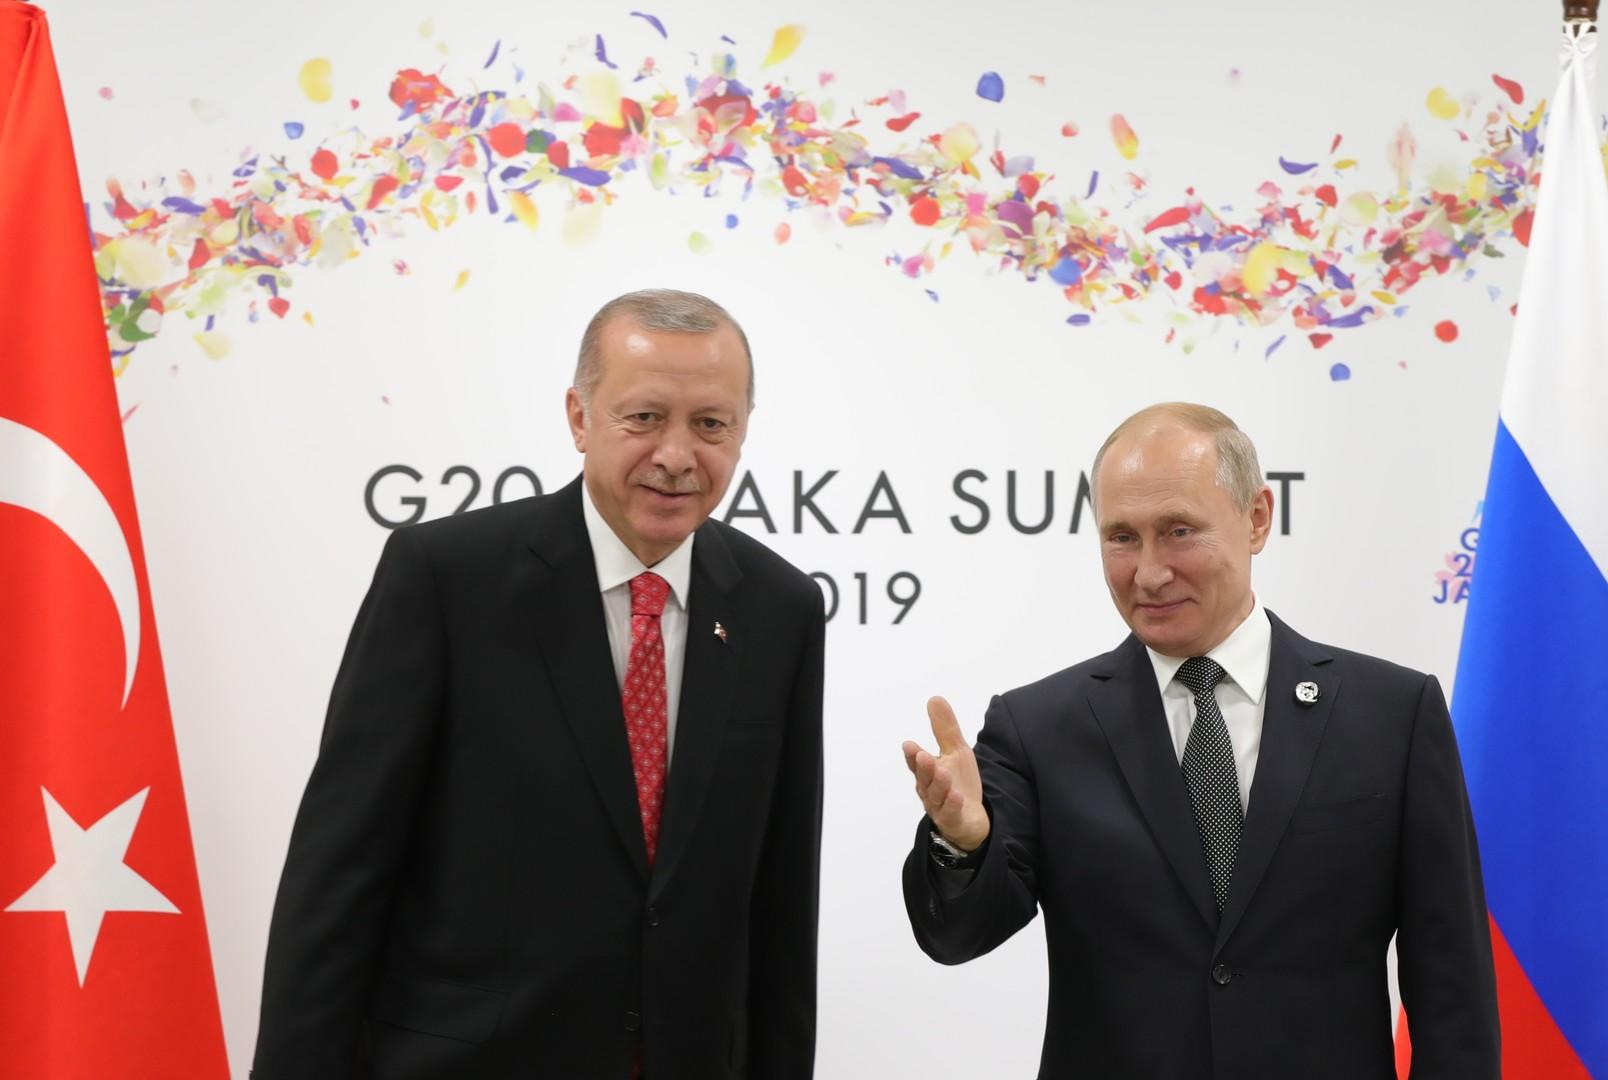 أردوغان: عملية توريد منظومة صواريخ